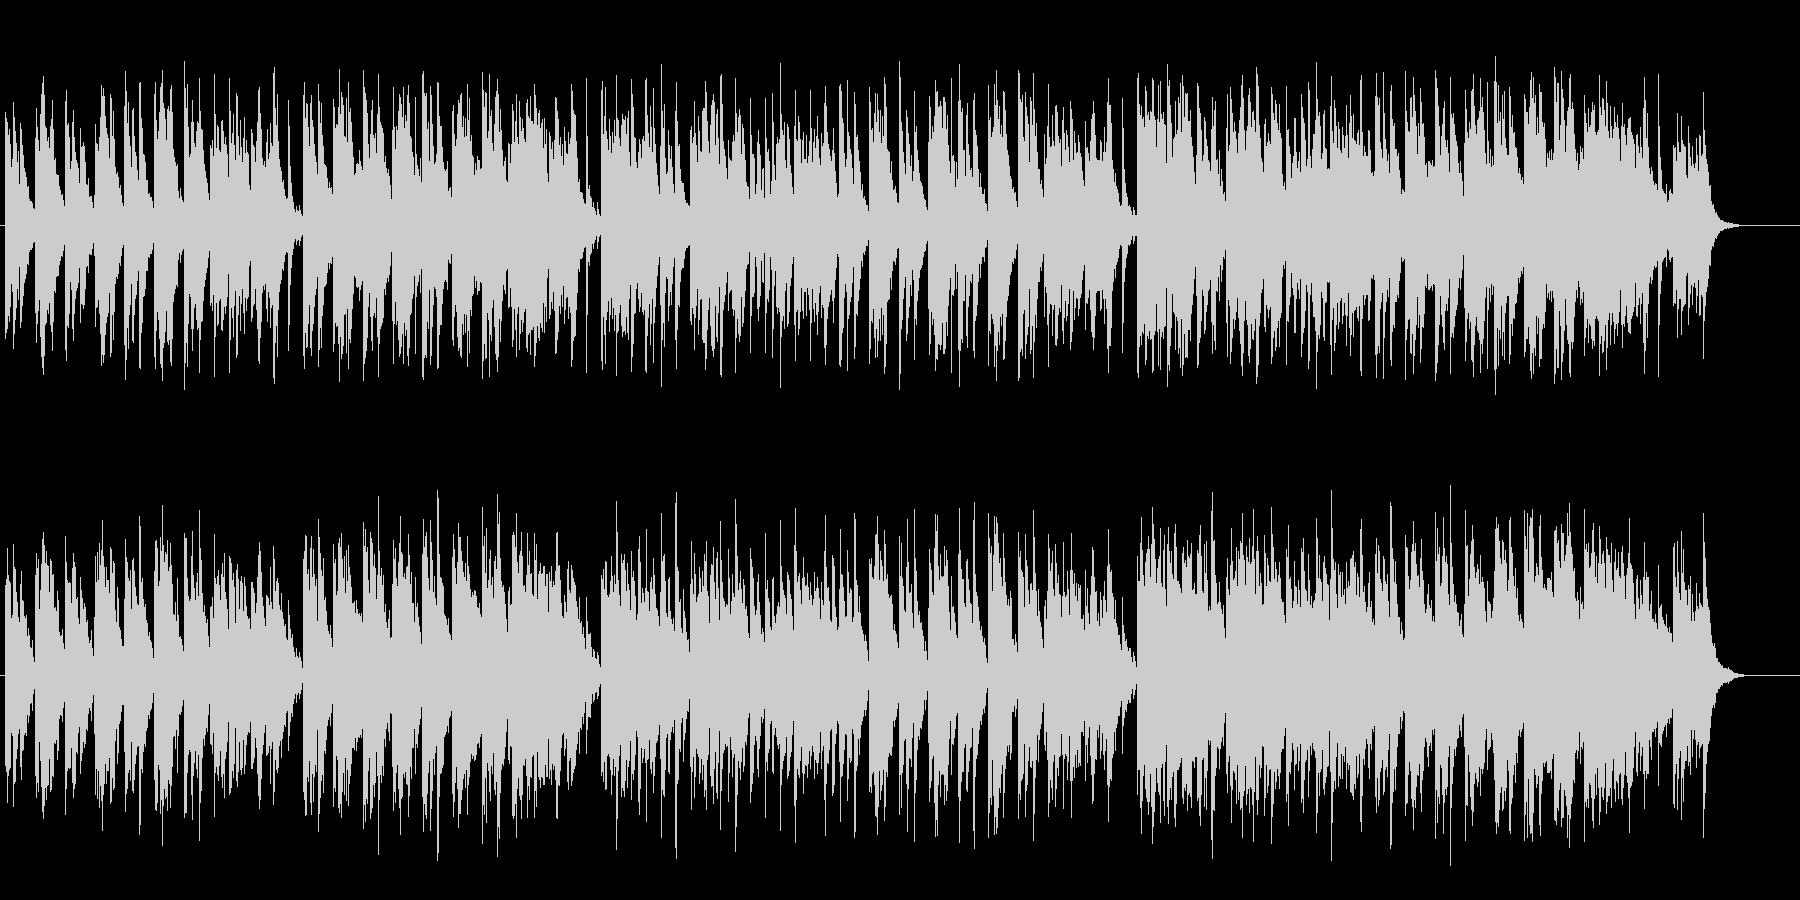 古き良き時代のワールド系アジアンBGMの未再生の波形